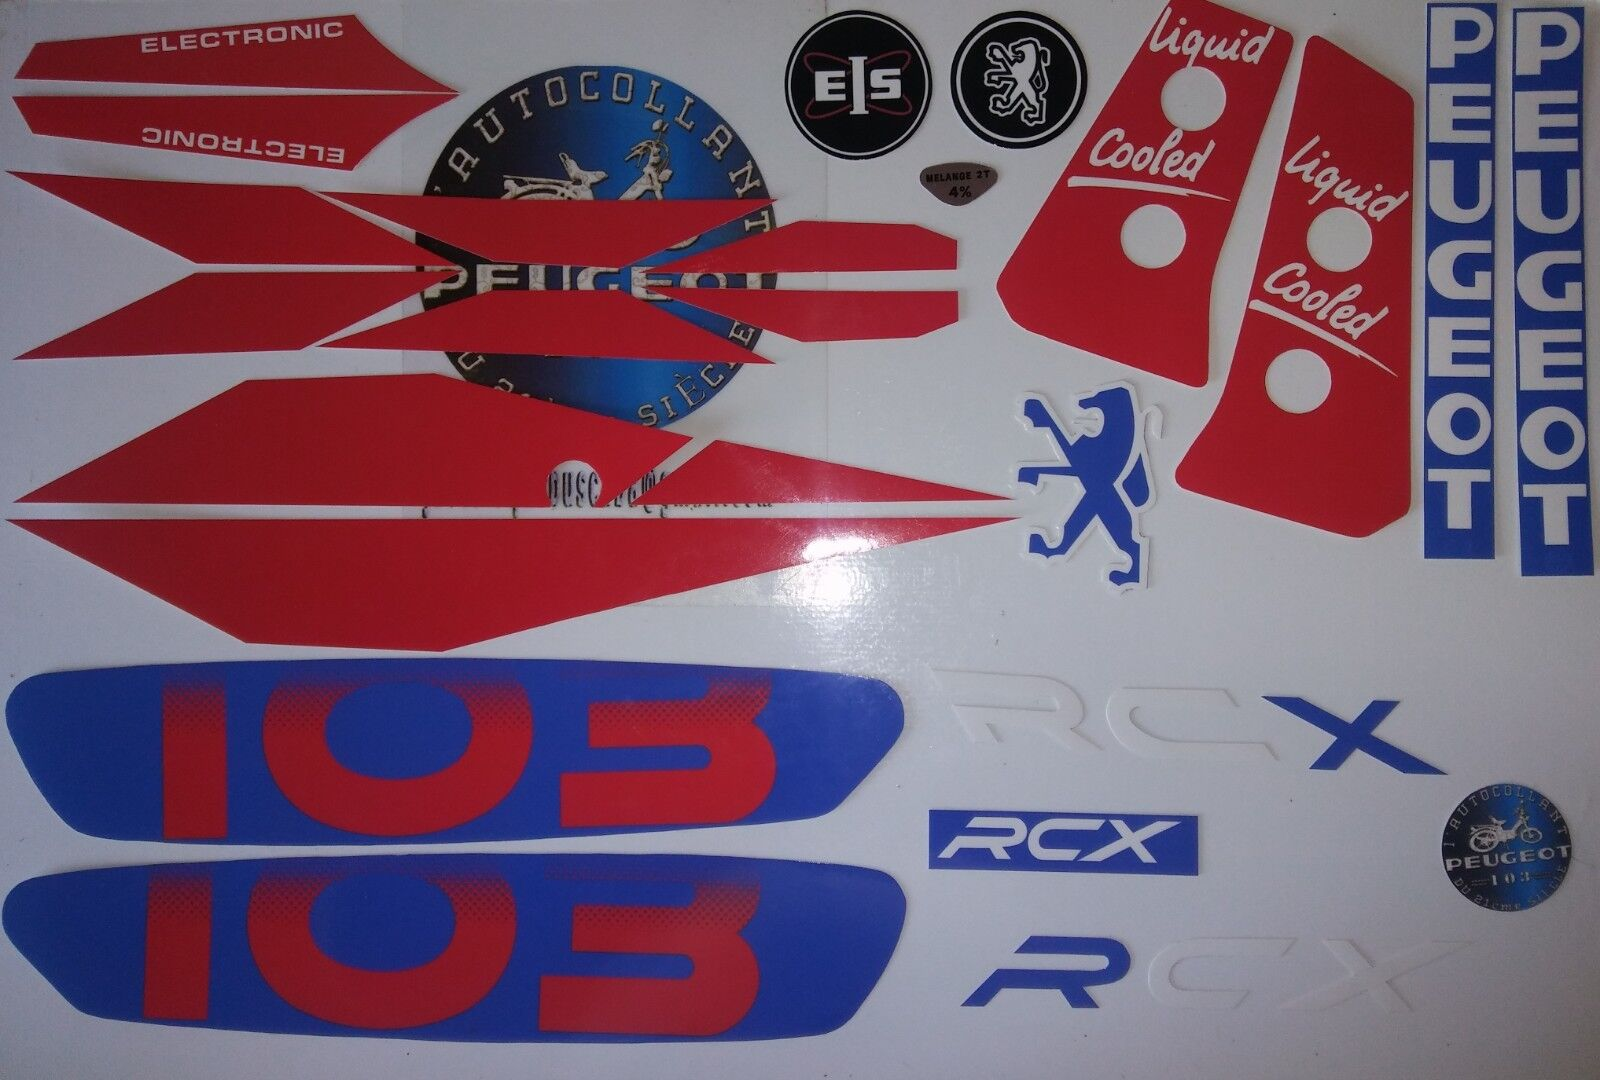 Autocollant Peugeot 103 RCX LC M 1991 Bleu/Rouge.